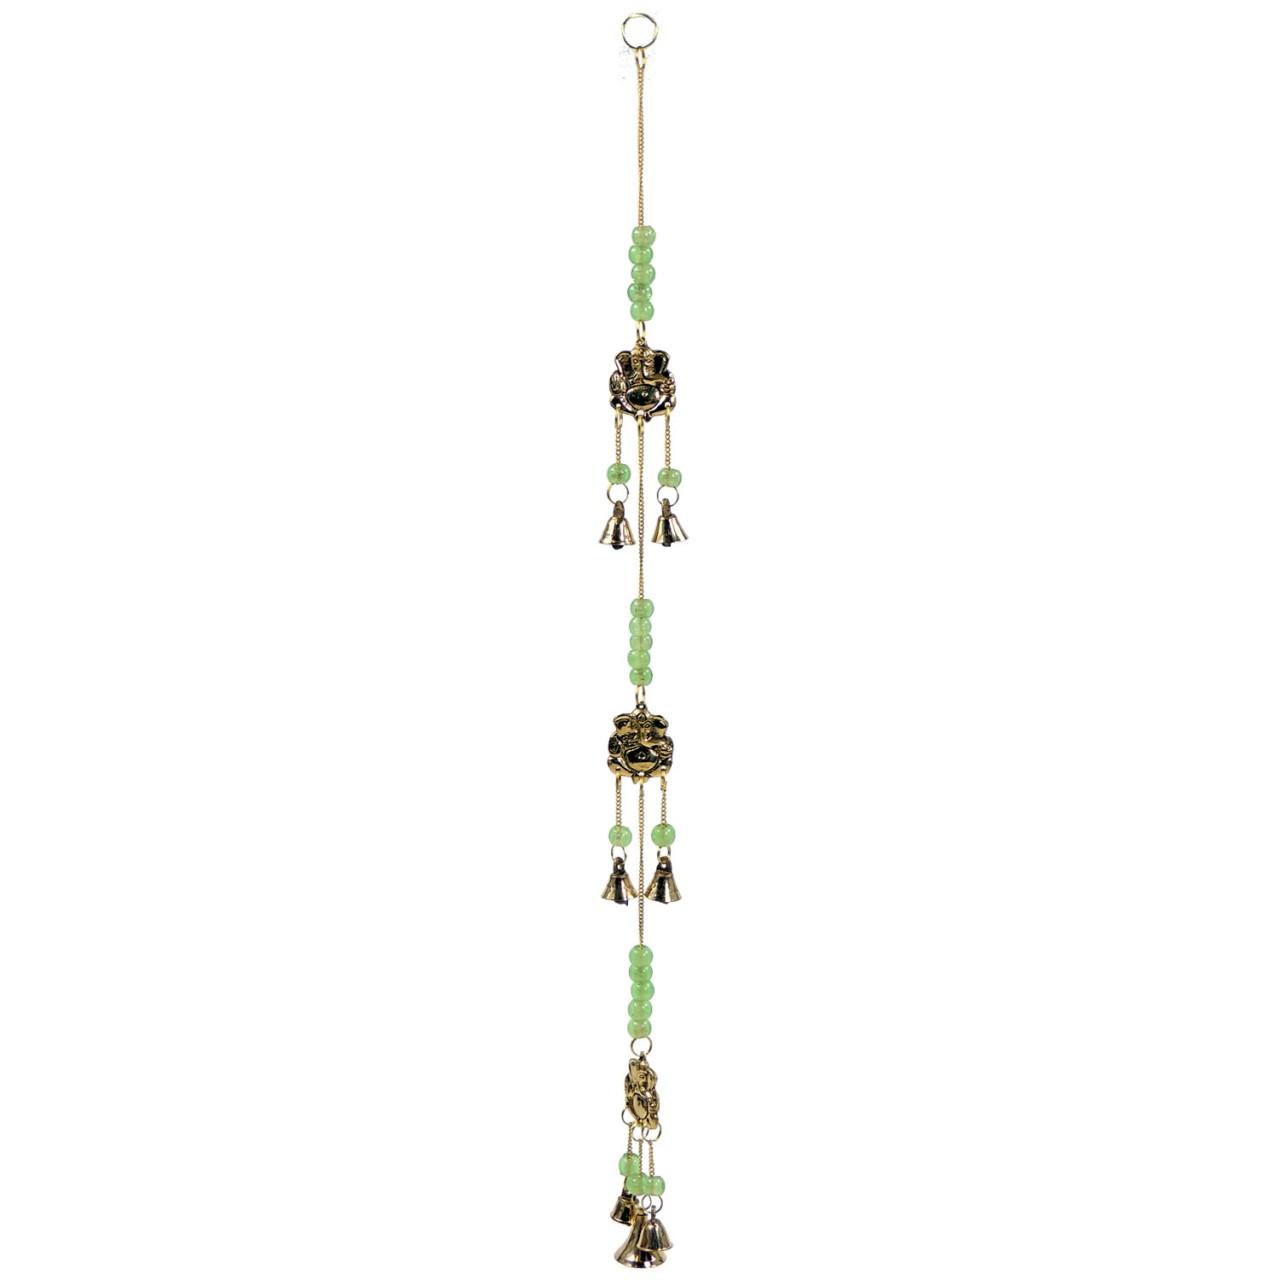 Windspiel 3erGlöckchen Ganesha – Messing / Glas – Handwerk Indien